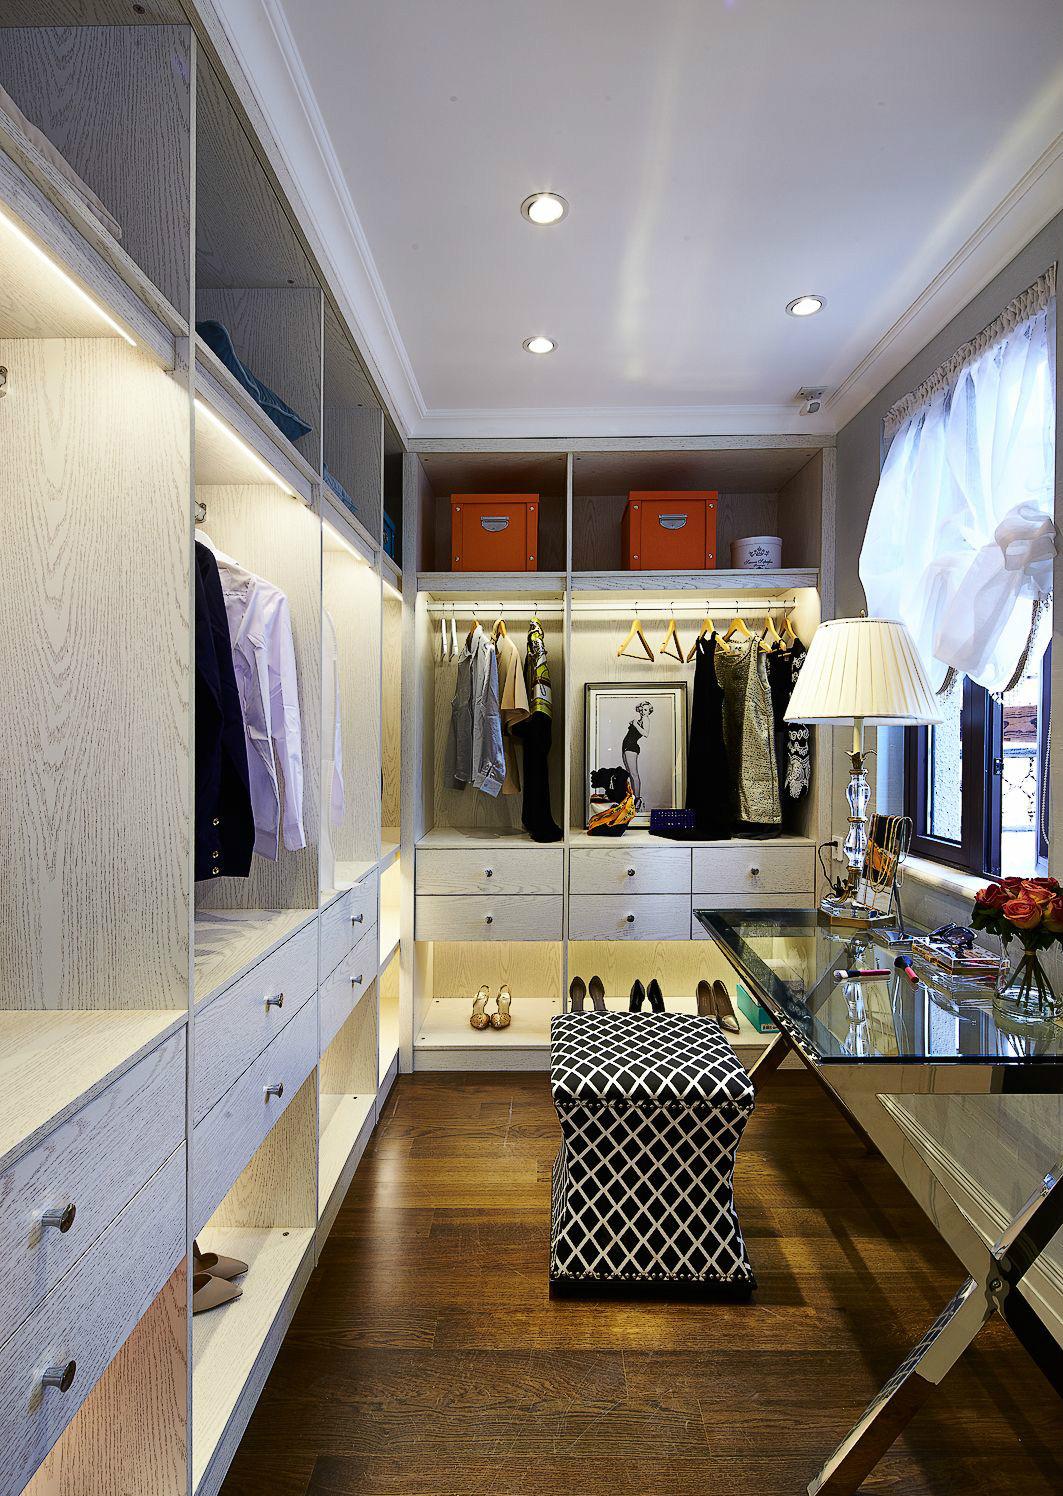 擁有一間美觀實用的衣帽間是人之所想,光線透過窗照射在衣柜上,盡顯靚麗。